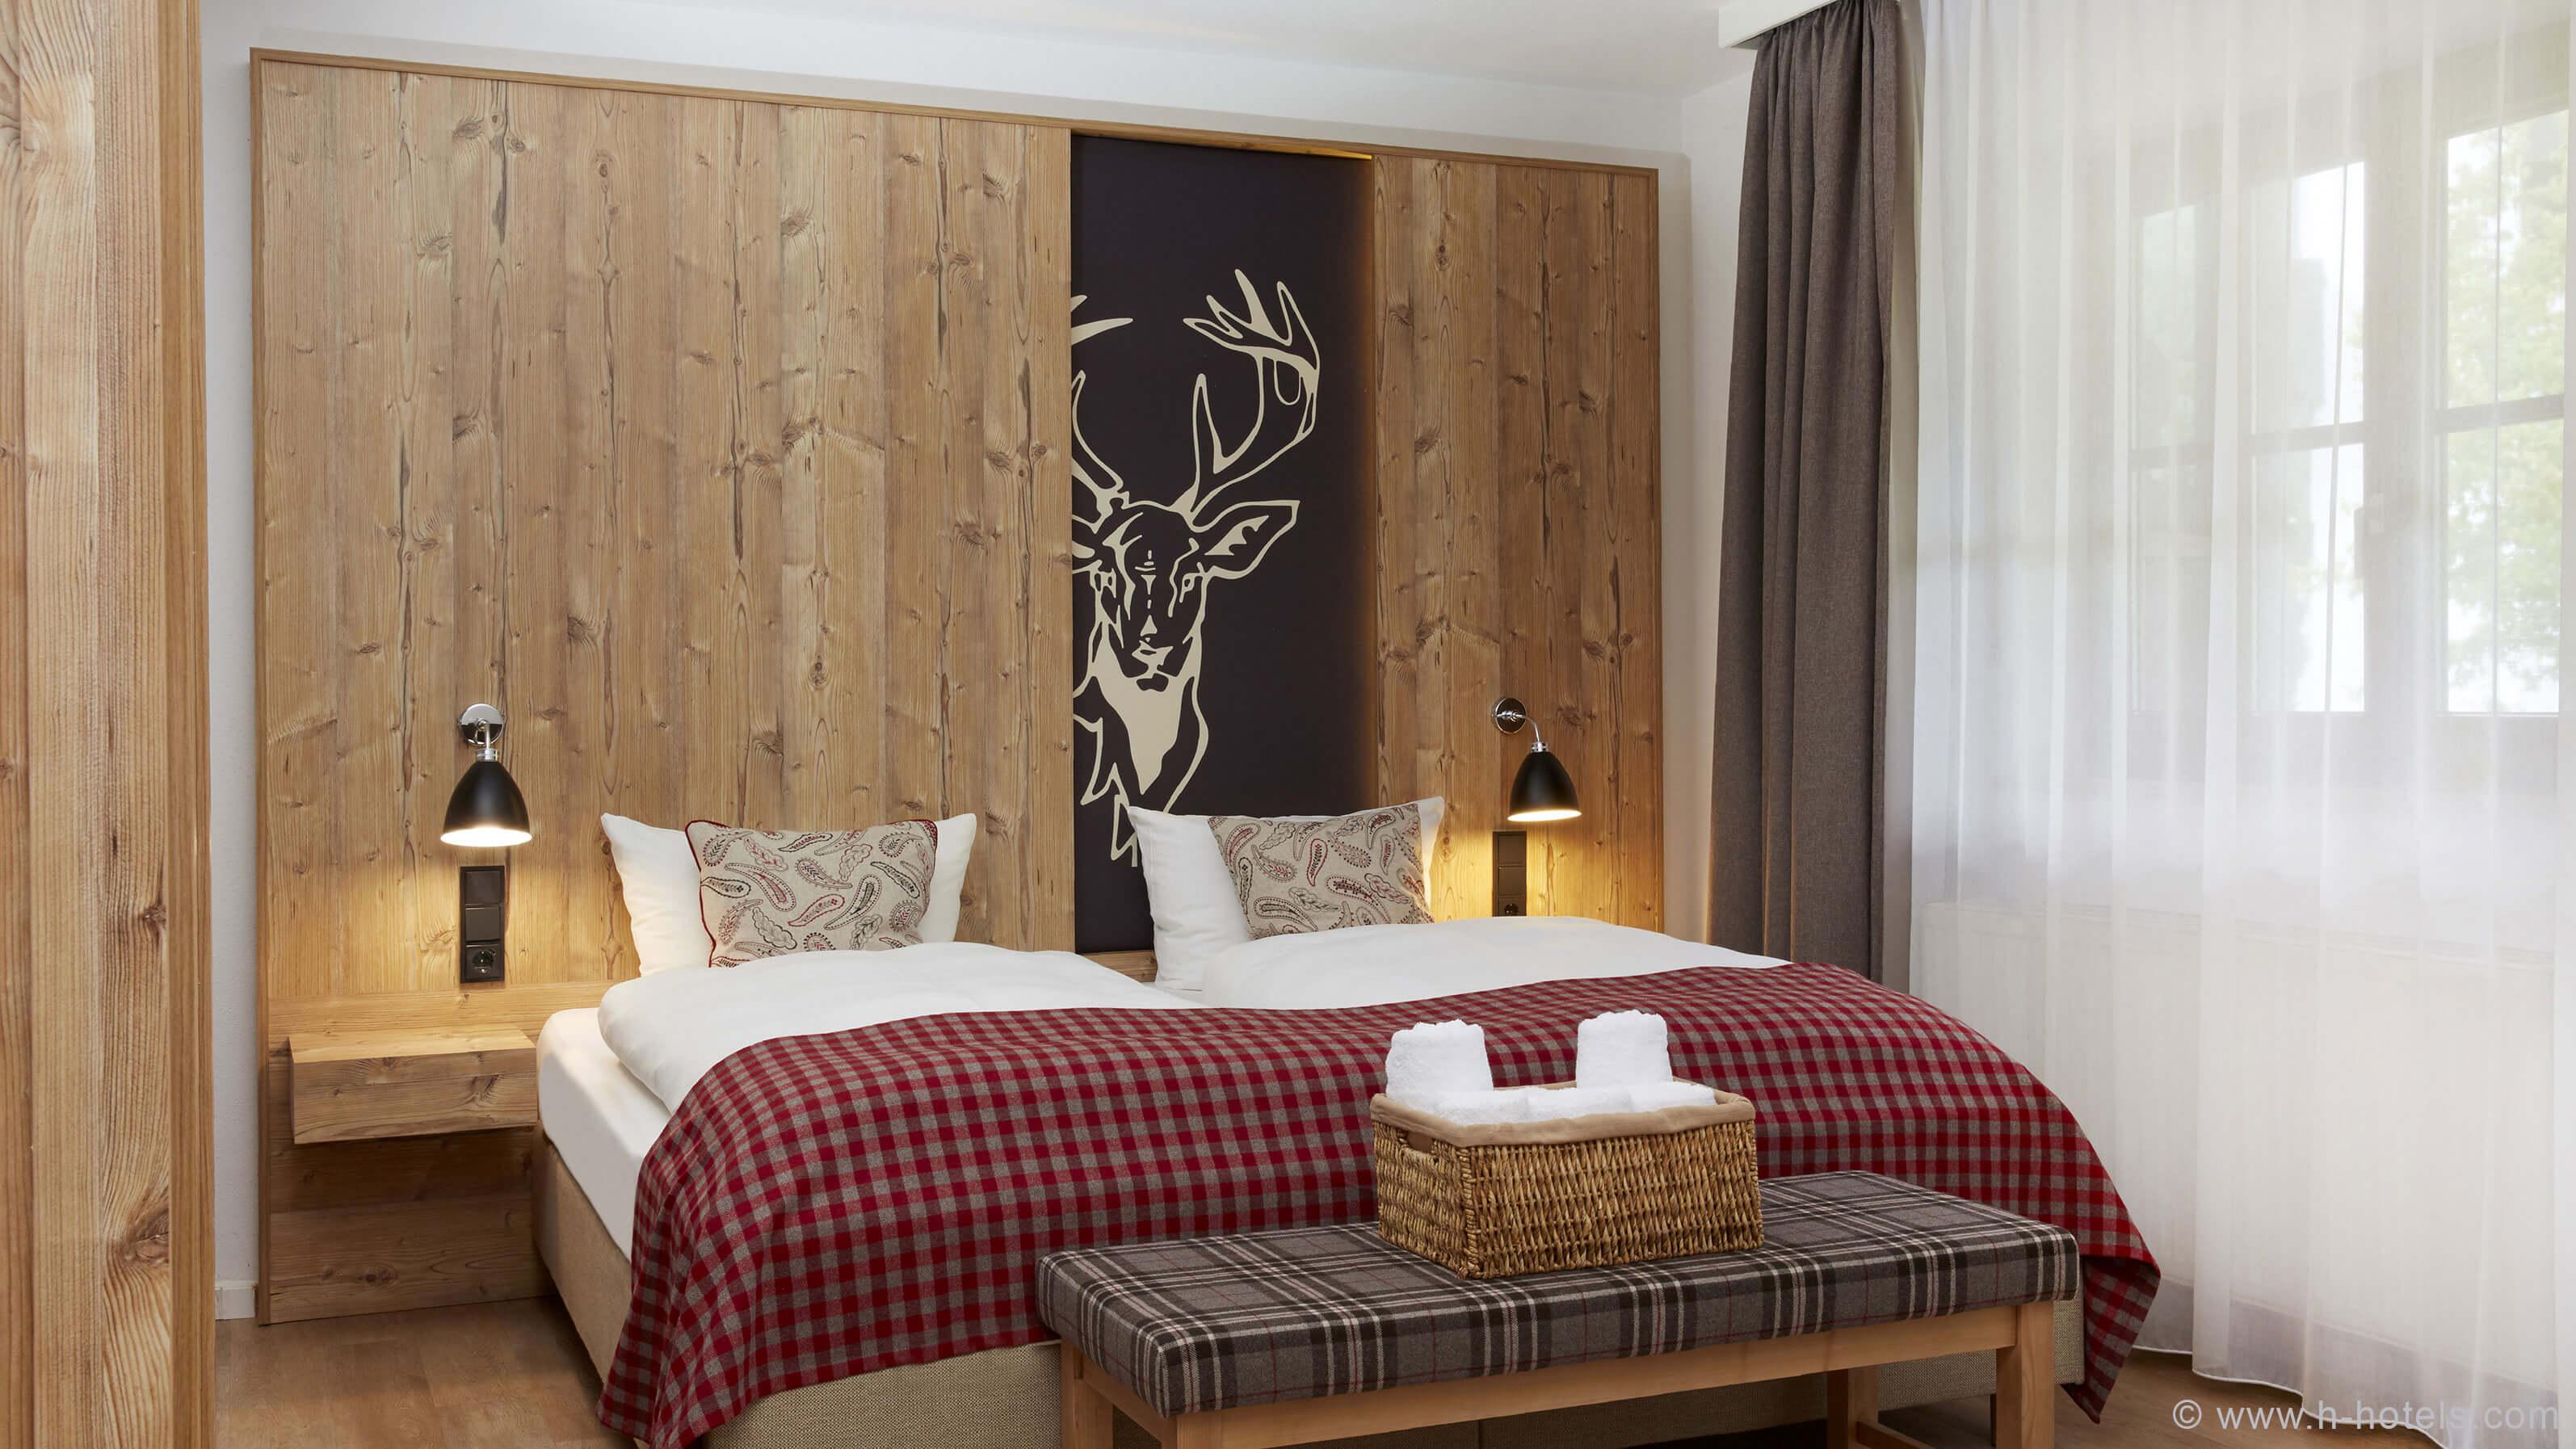 h-hotels_zimmer-superior-doppelzimmer-bett-02-hplus-hotel-garmisch_Original-(kommerz.-Nutzung)-_3c2ce606_